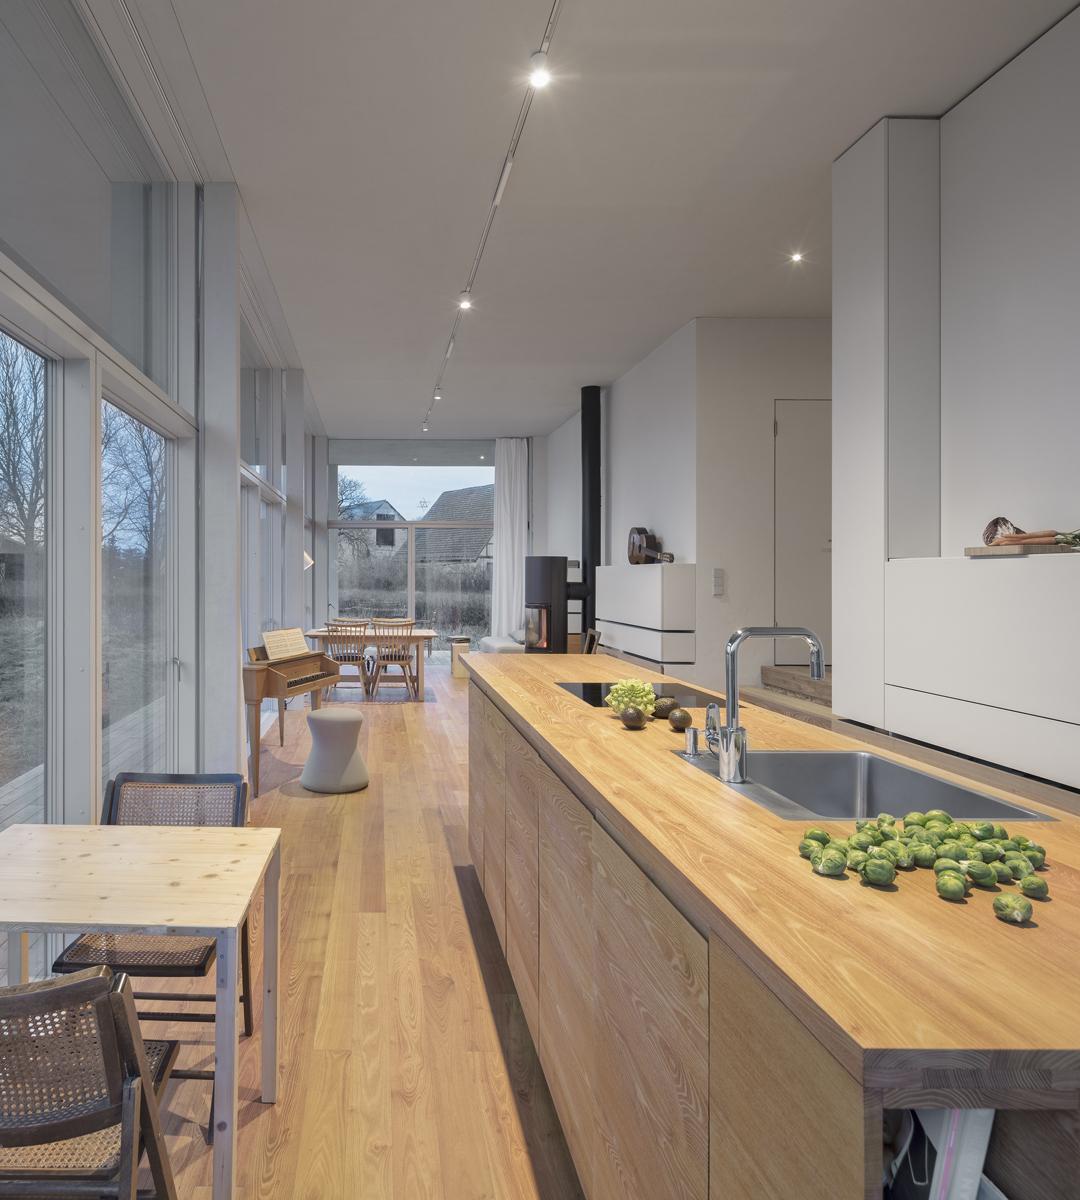 Der Blick durch die Westfassade aus Glas fällt auf die umliegenden großen Scheunen des Dorfes. Der schwarze, moderne Holzkaminofen an der rechten Wand genügt zur Beheizung des Hauses.